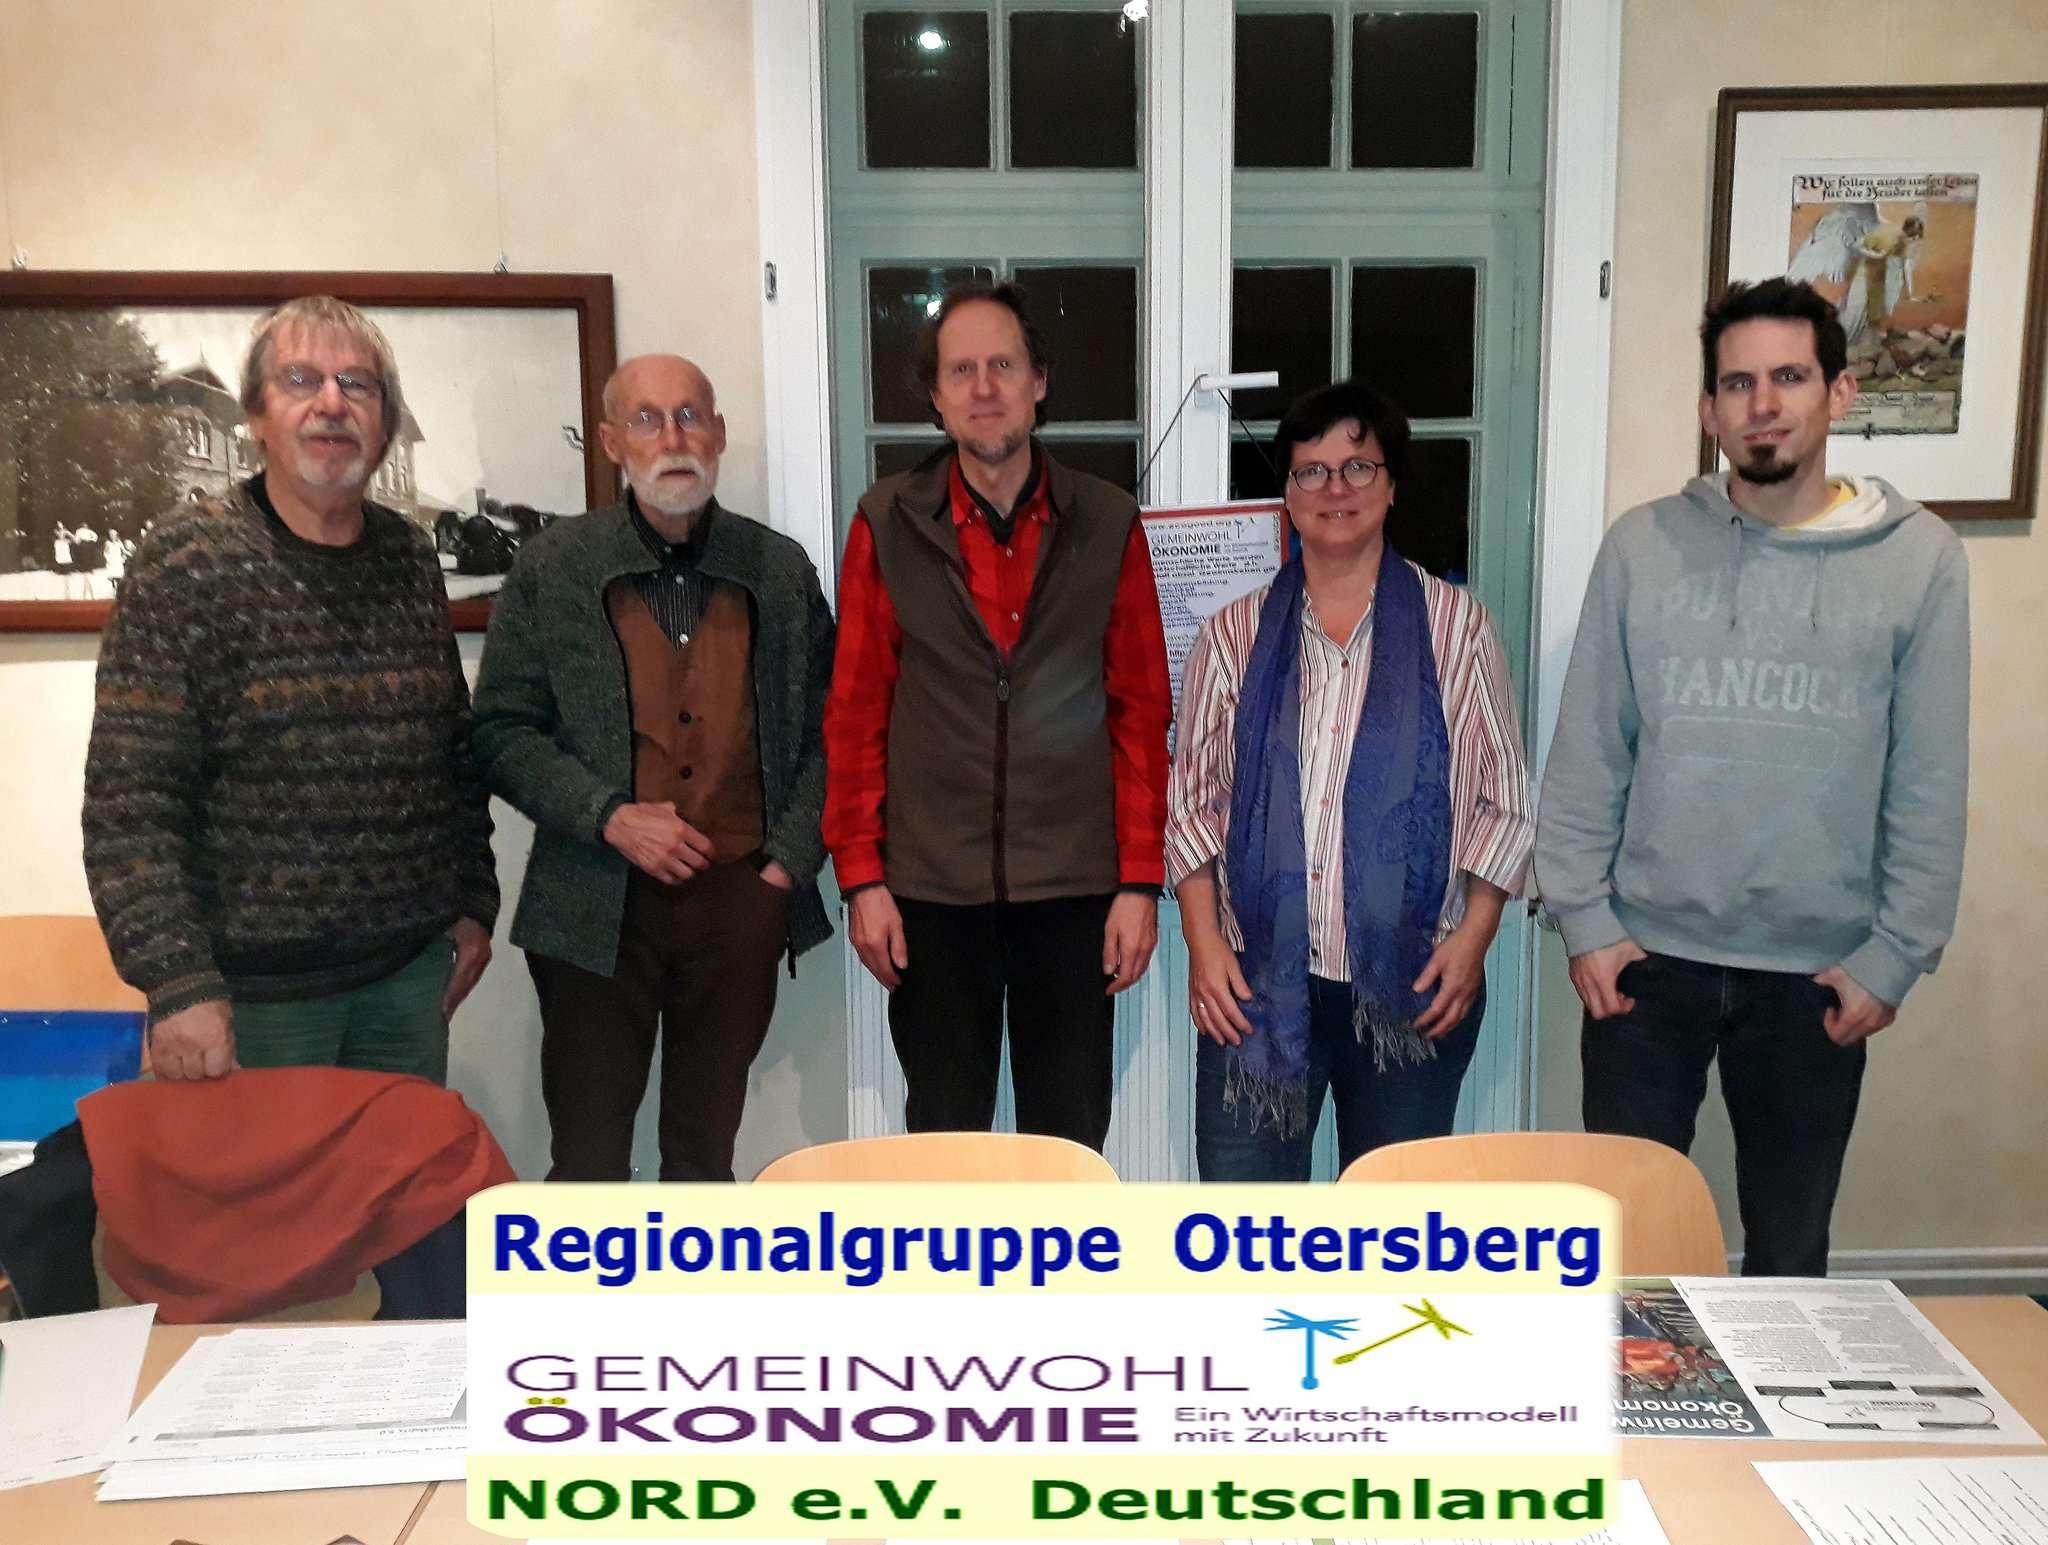 Die Gemeinwohlökonomie in Ottersberg gibt es bereits seit zwei Jahren.